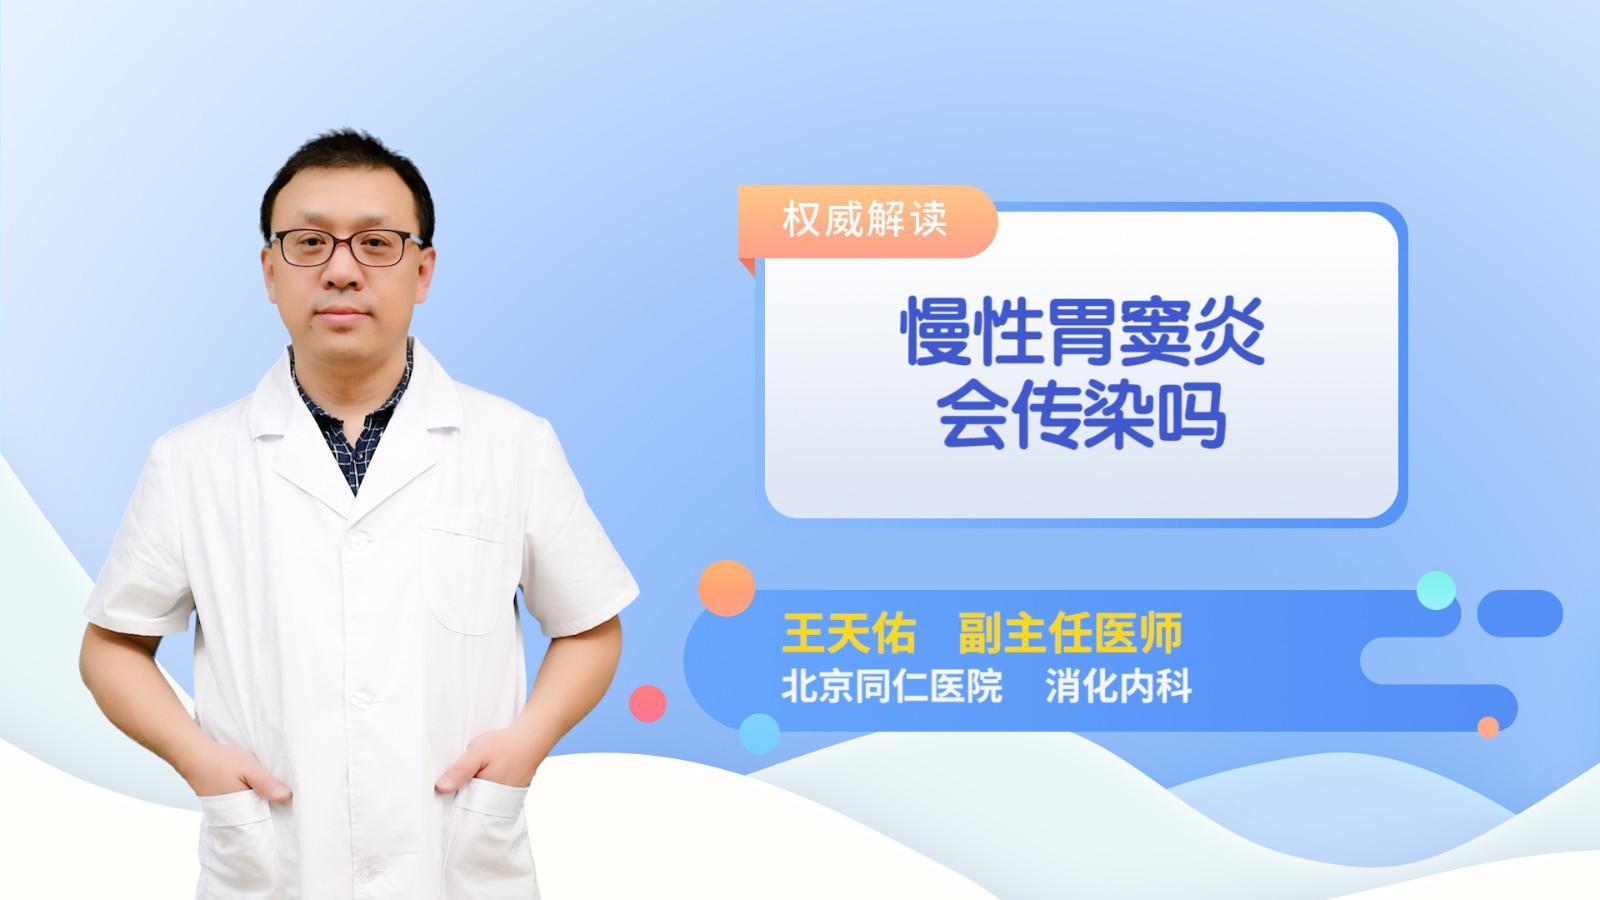 慢性胃窦炎会传染吗